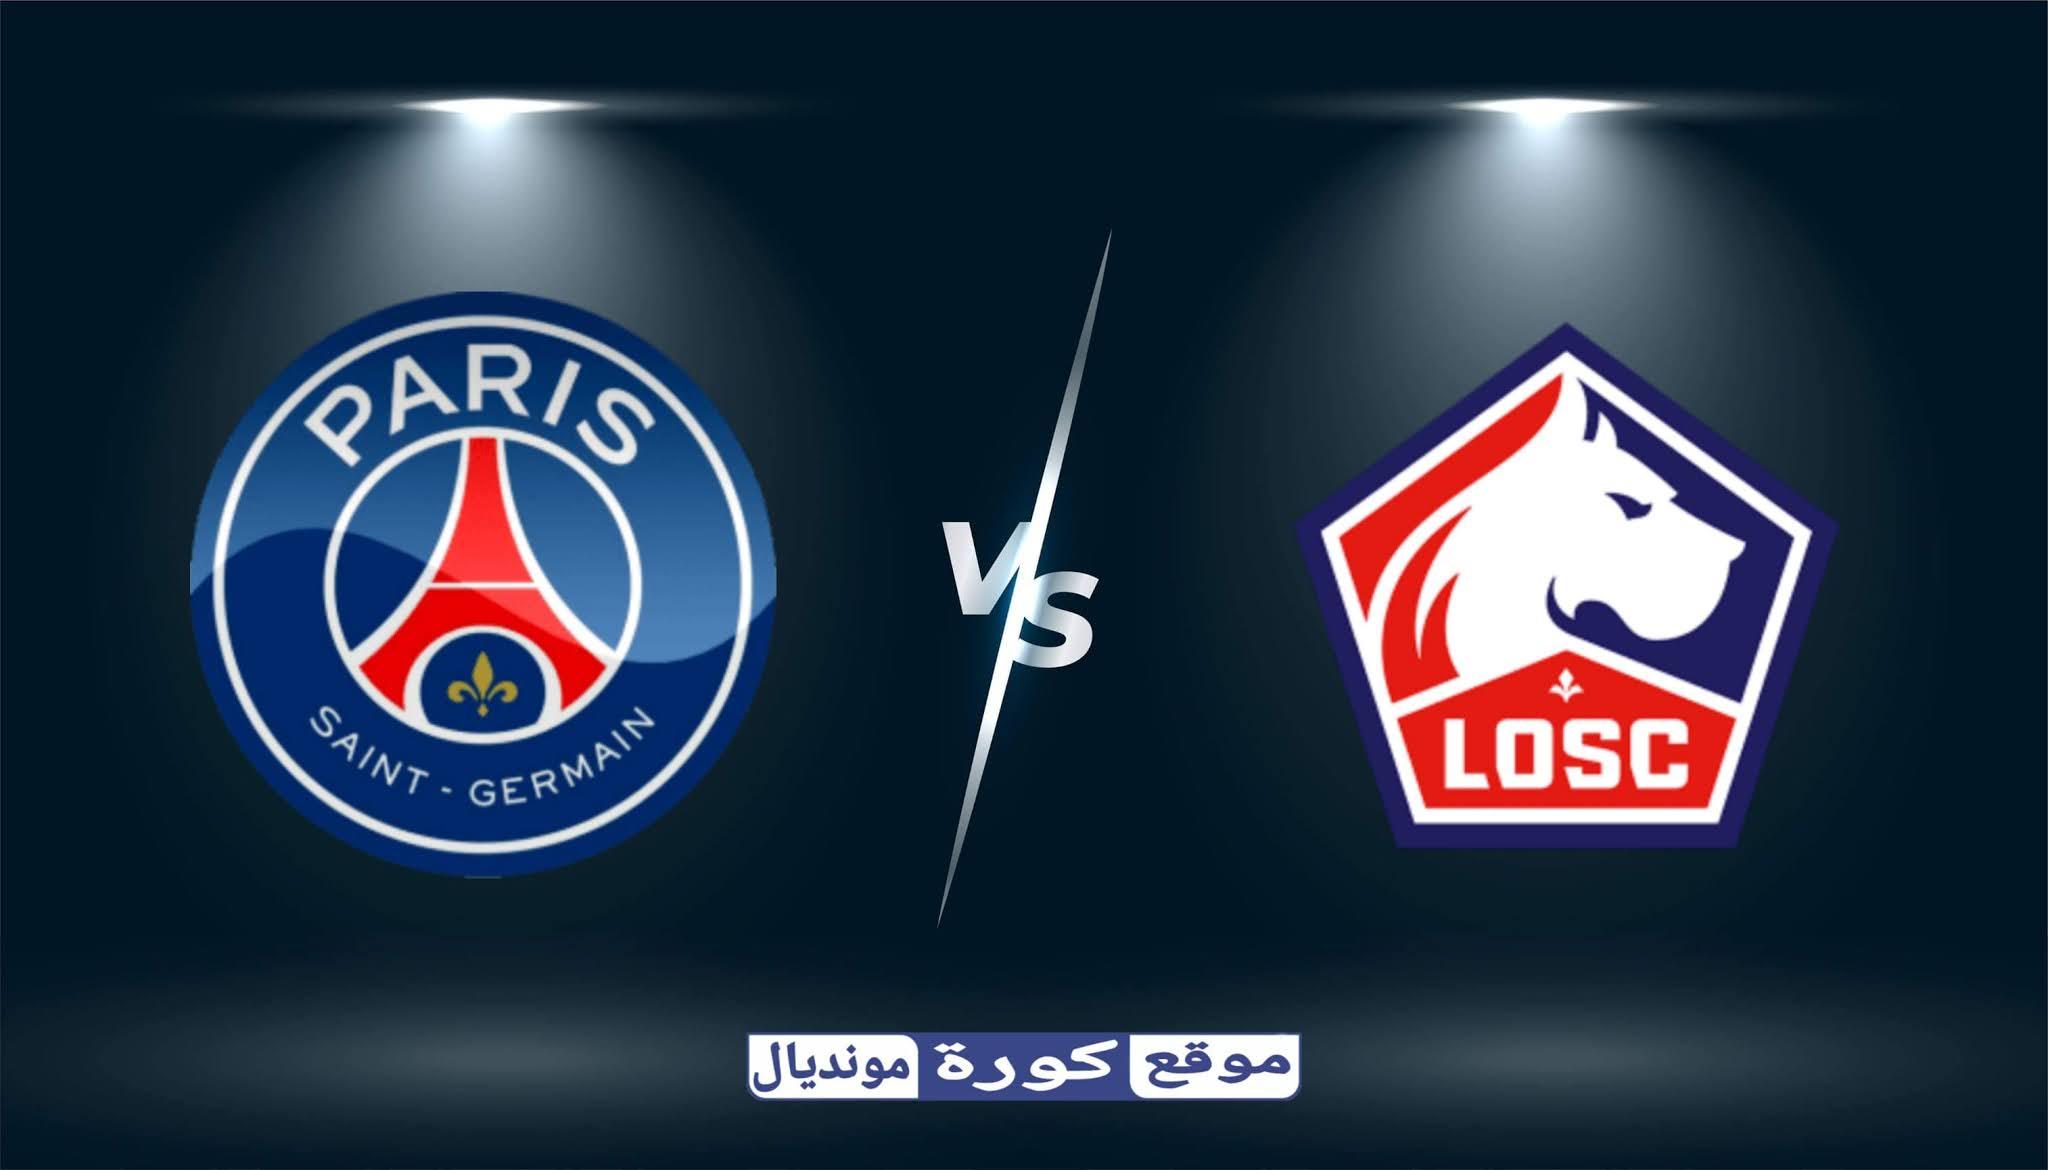 مشاهدة مباراة باريس سان جيرمان و ليل بث مباشر اليوم  في الدوري الفرنسي